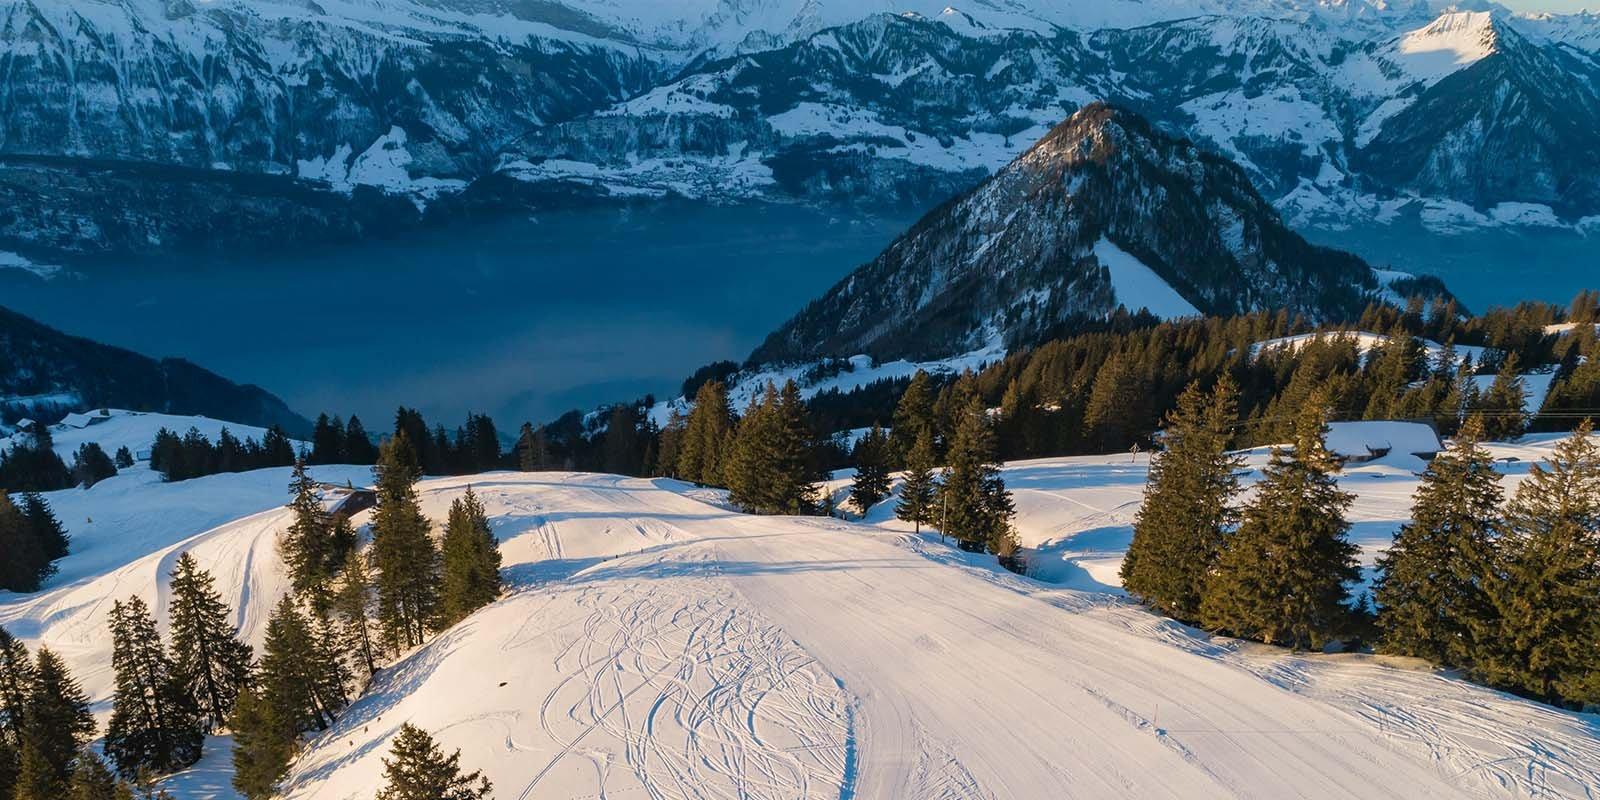 Klein aber oho - Das Skigebiet auf Rigi Scheidegg/Burggeist